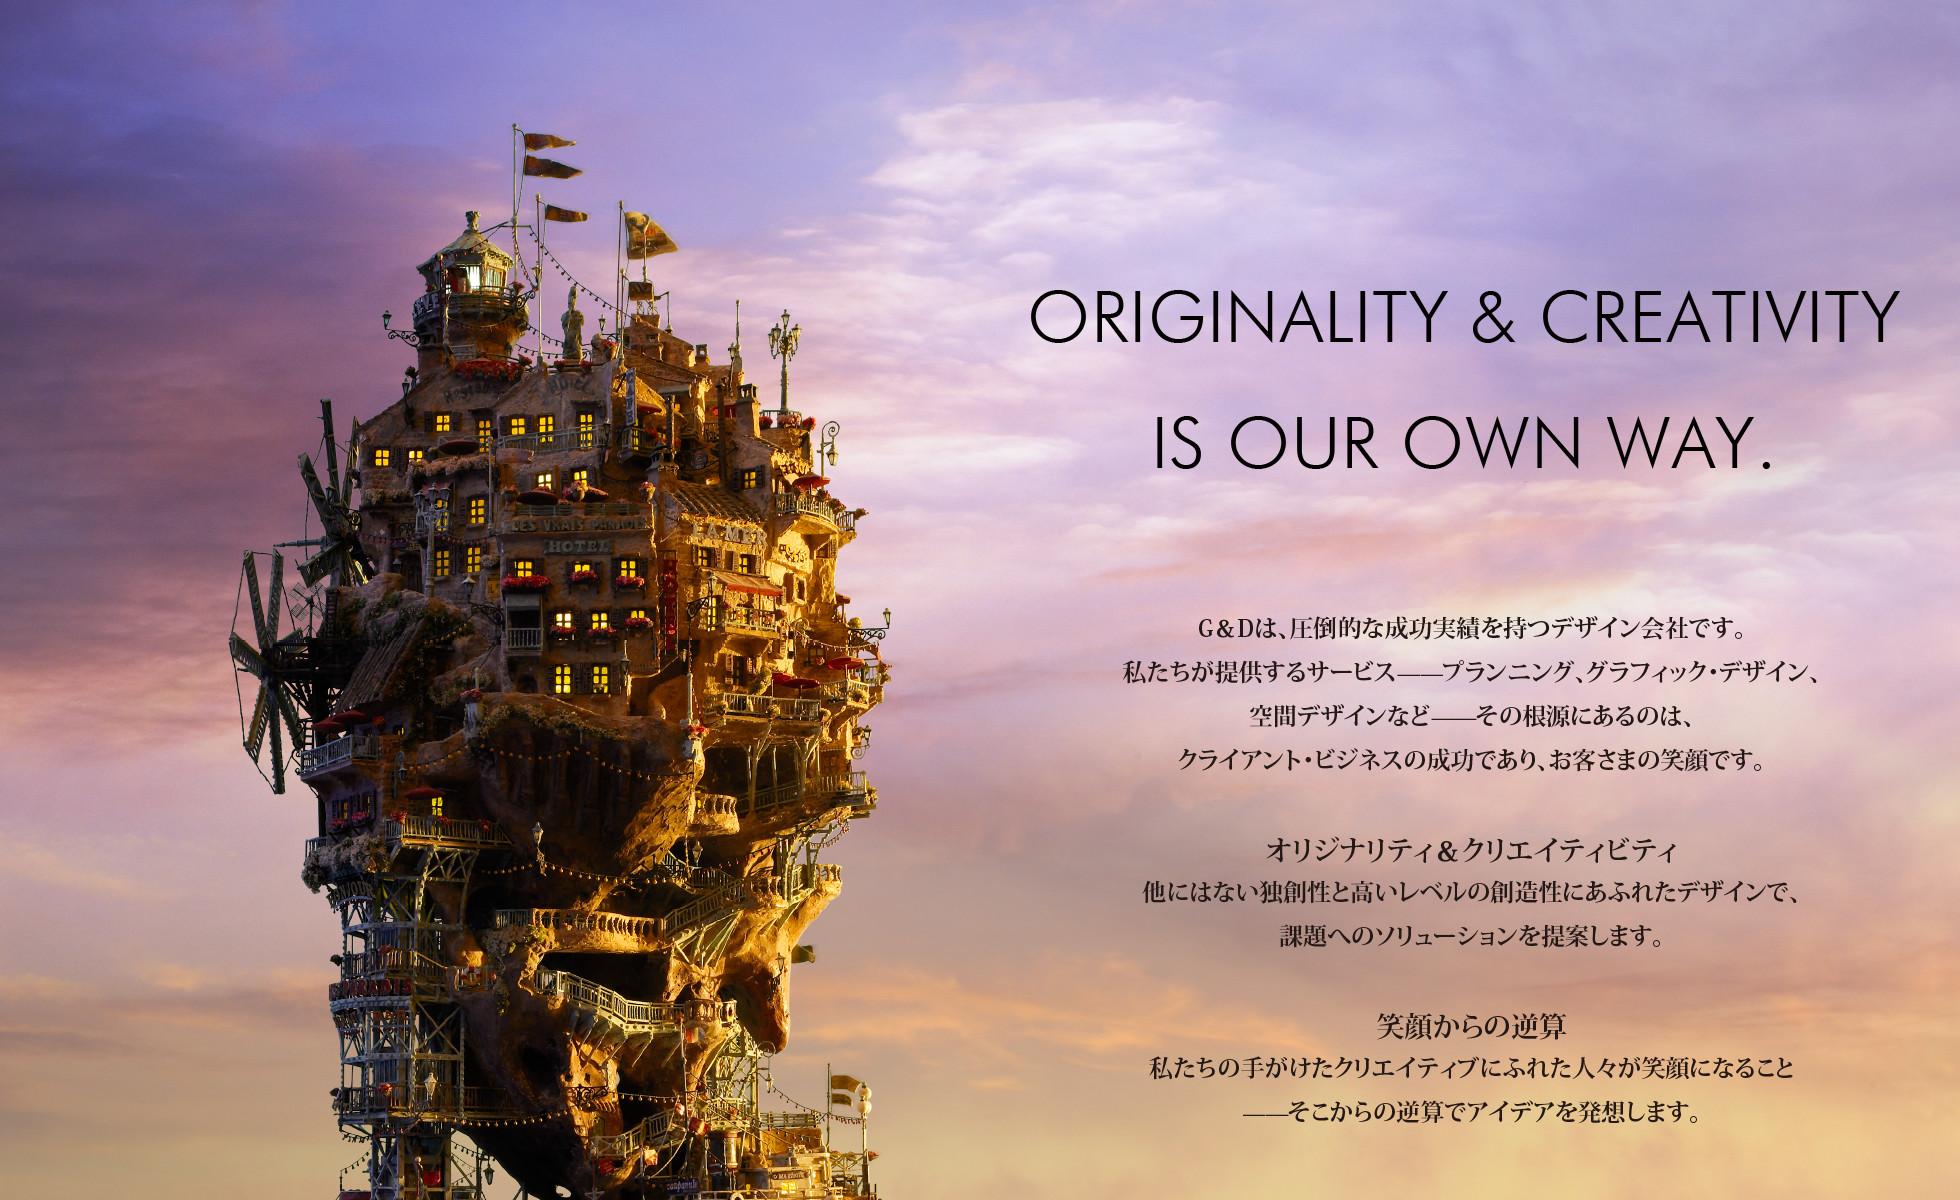 ORIGINALITY & CREATIVITY IS OUR OWN WAY.     G&Dは、圧倒的な成功実績を持つデザイン会社です。 私たちが提供するサービスプランニング、グラフィック・デザイン、 空間デザインなど̶̶その根源にあるのは、 クライアント・ビジネスの成功であり、お客さまの笑顔です。     オリジナリティ&クリエイティビティ 他にはない独創性と高いレベルの創造性にあふれたデザインで、     課題へのソリューションを提案します。     笑顔からの逆算 私たちの手がけたクリエイティブにふれた人々が笑顔になること     ̶̶そこからの逆算でアイデアを発想します。